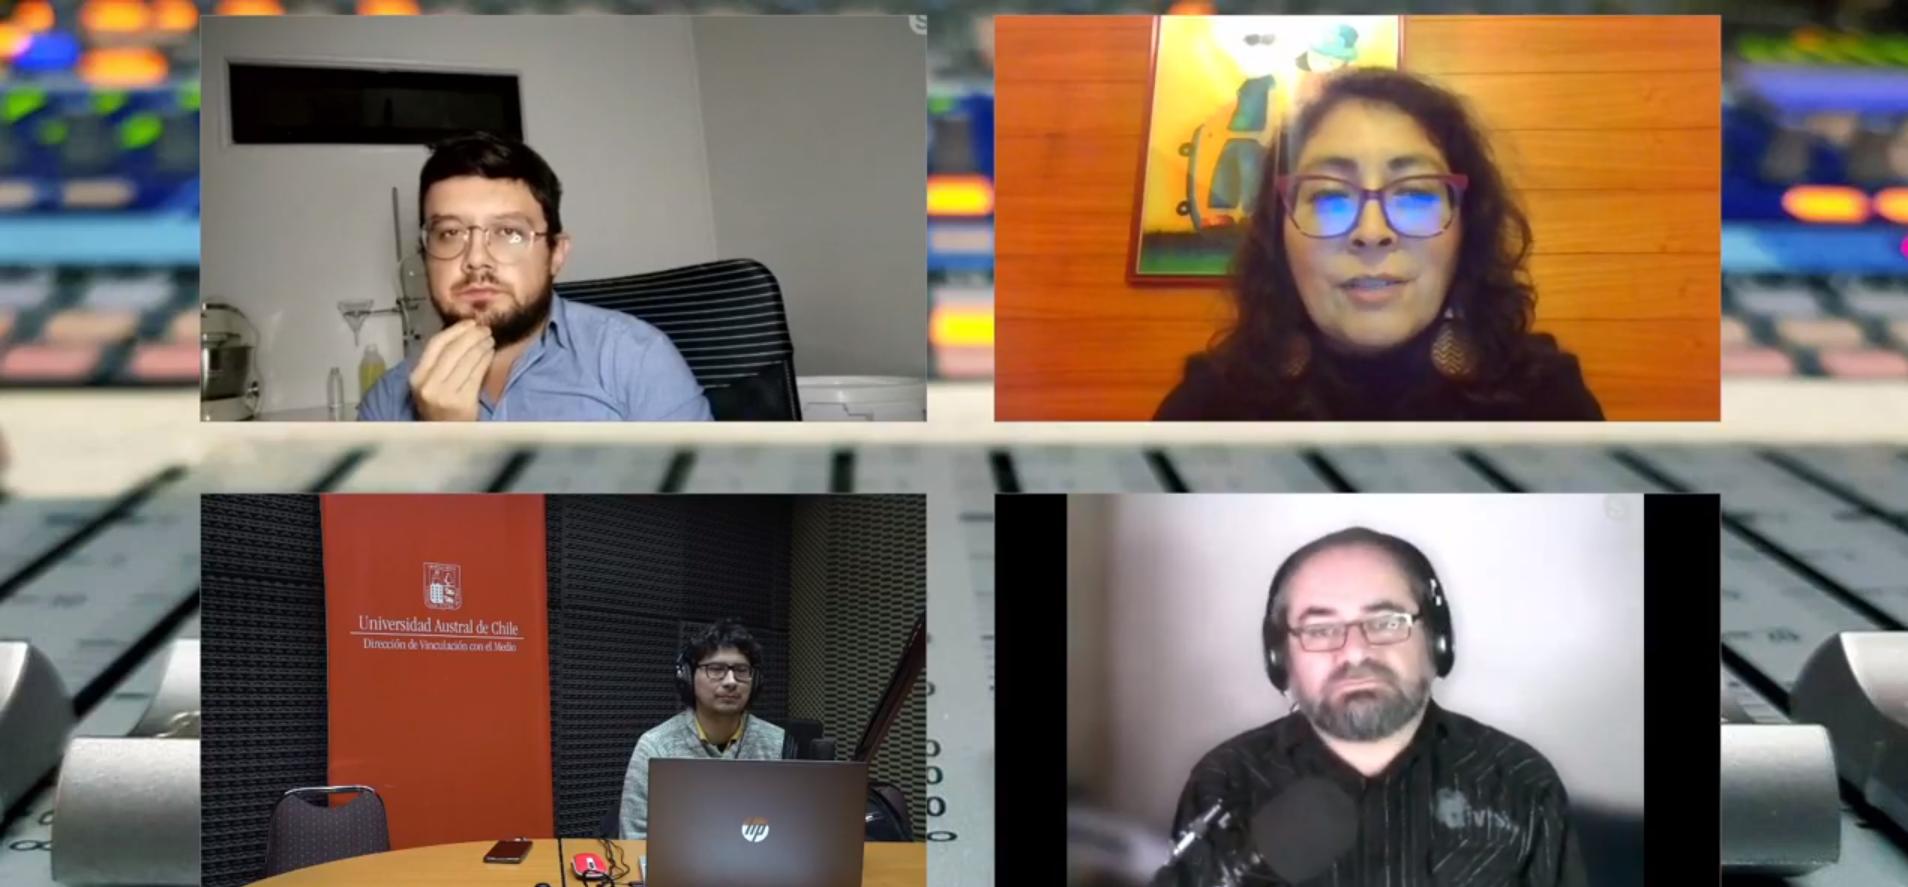 Captura de pantalla del programa donde están los invitados y panelistas